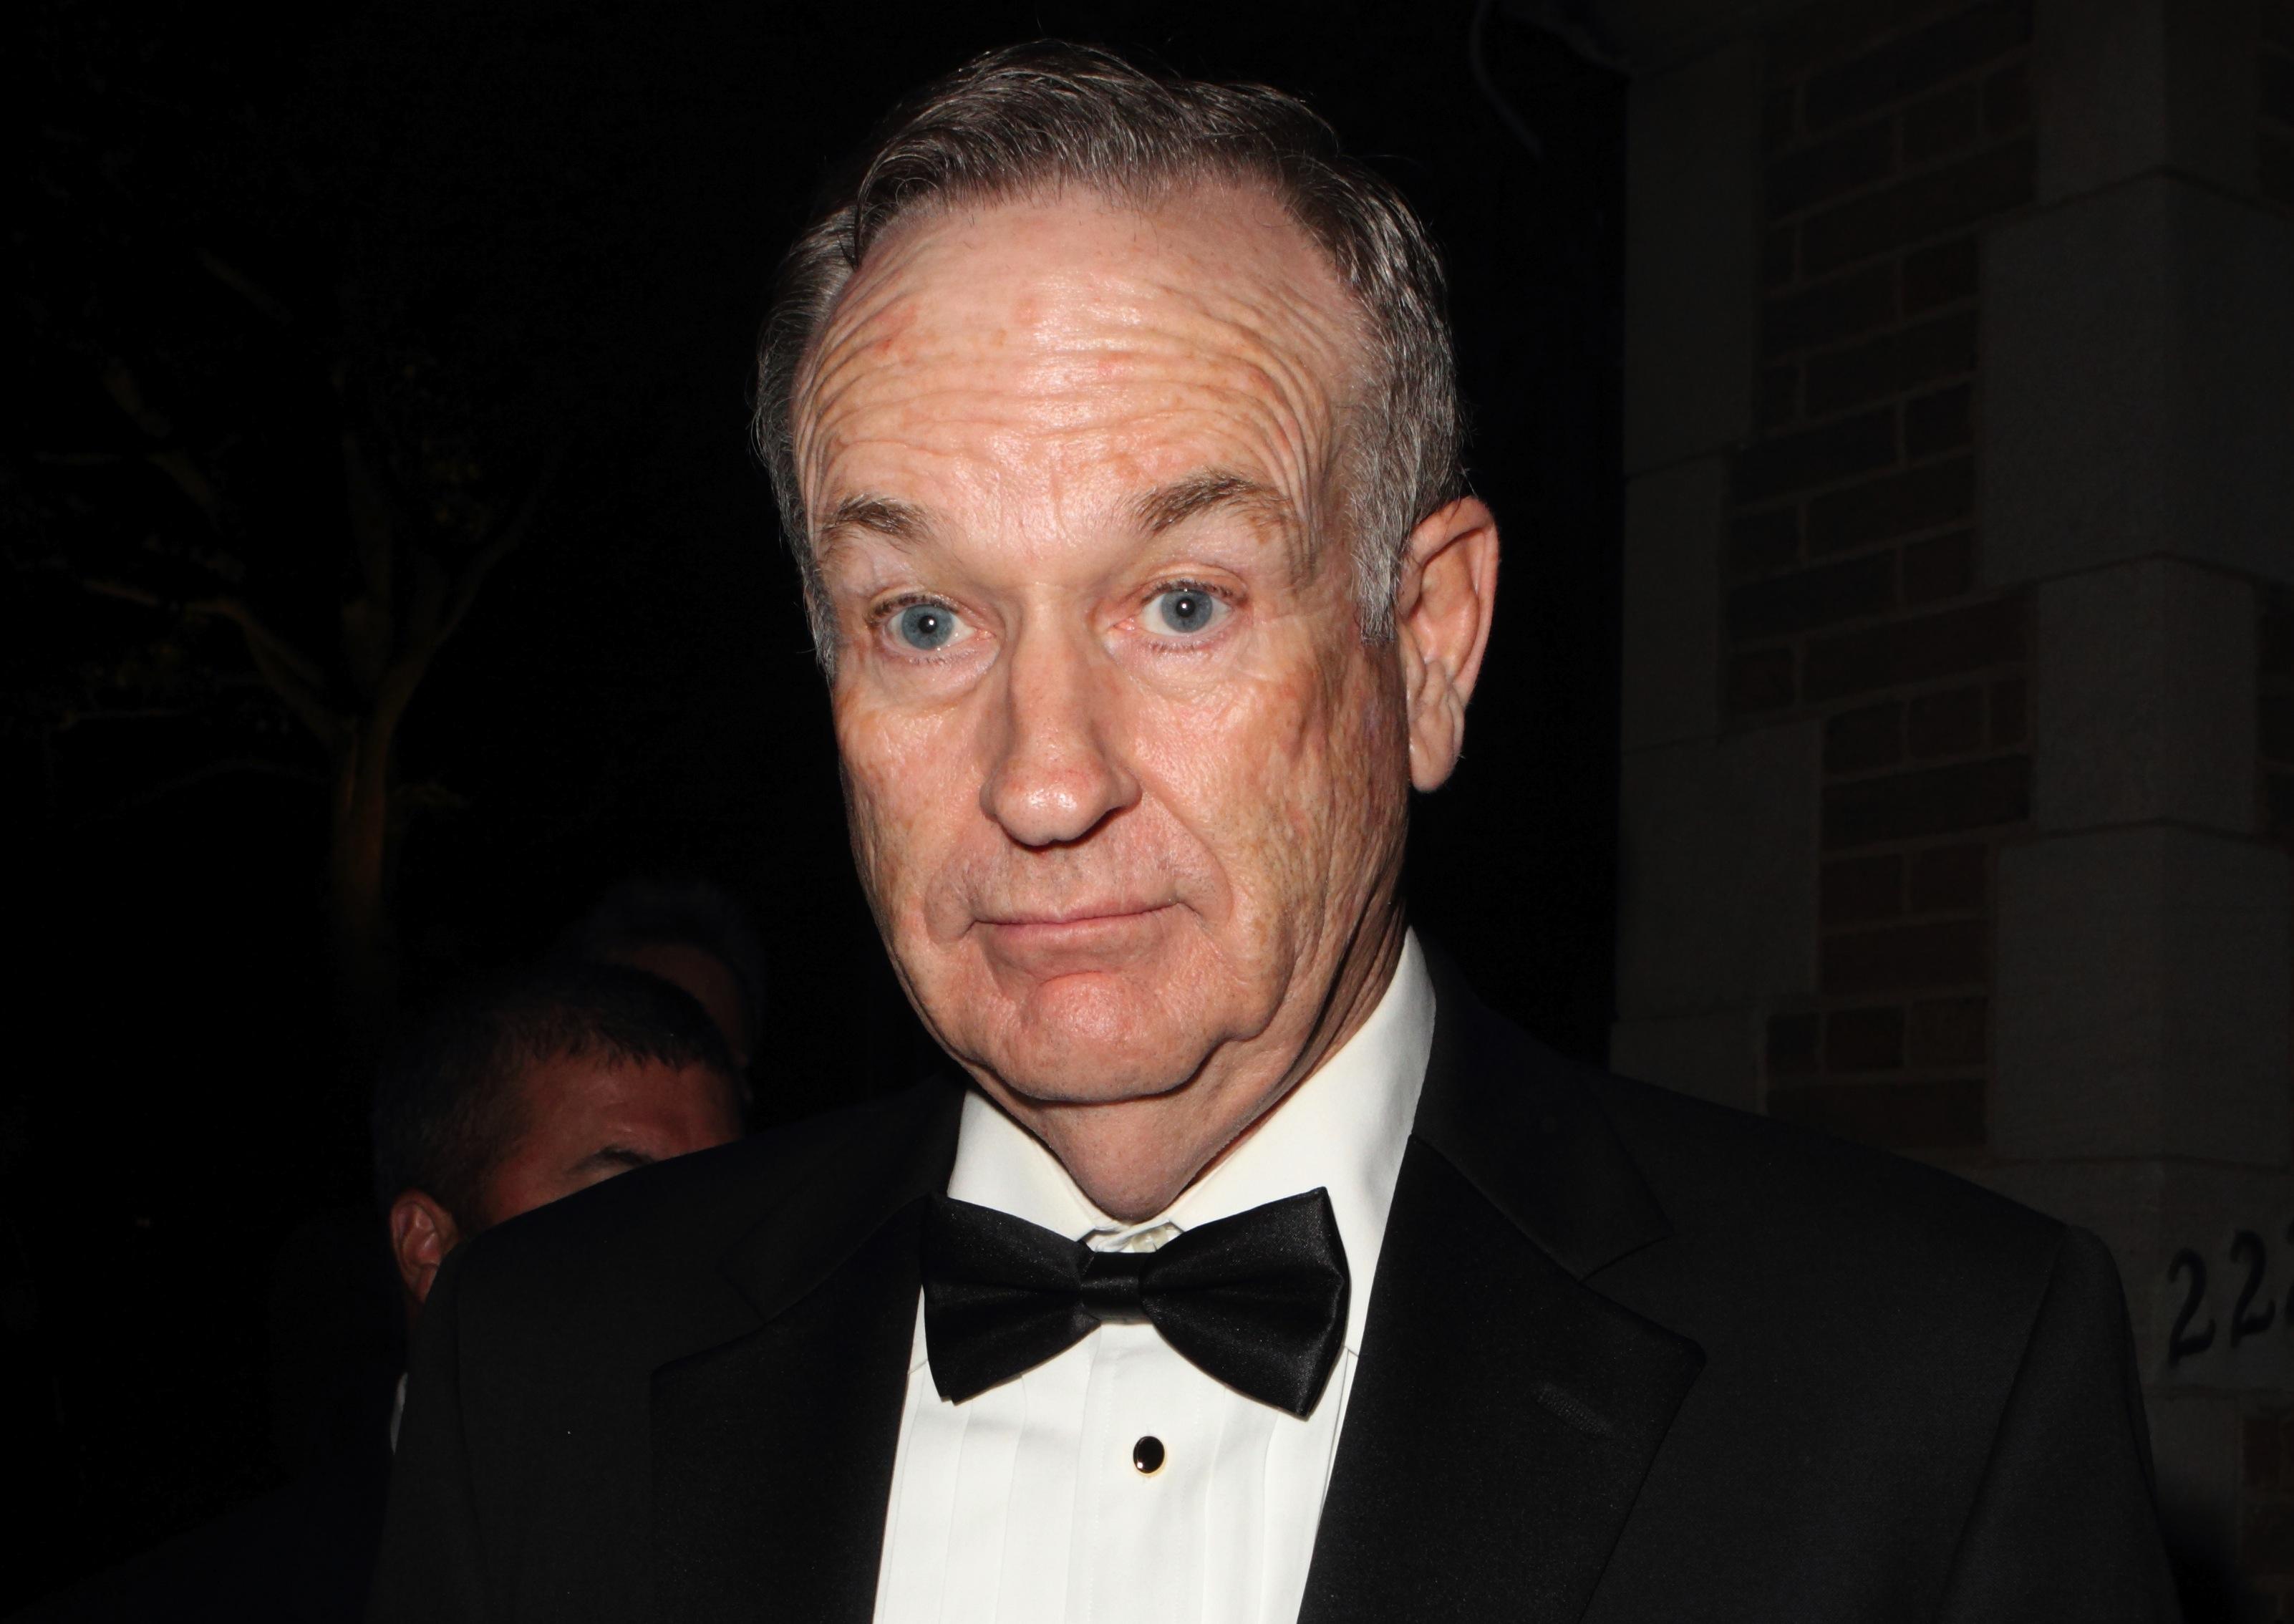 Bill oreillys phone sex